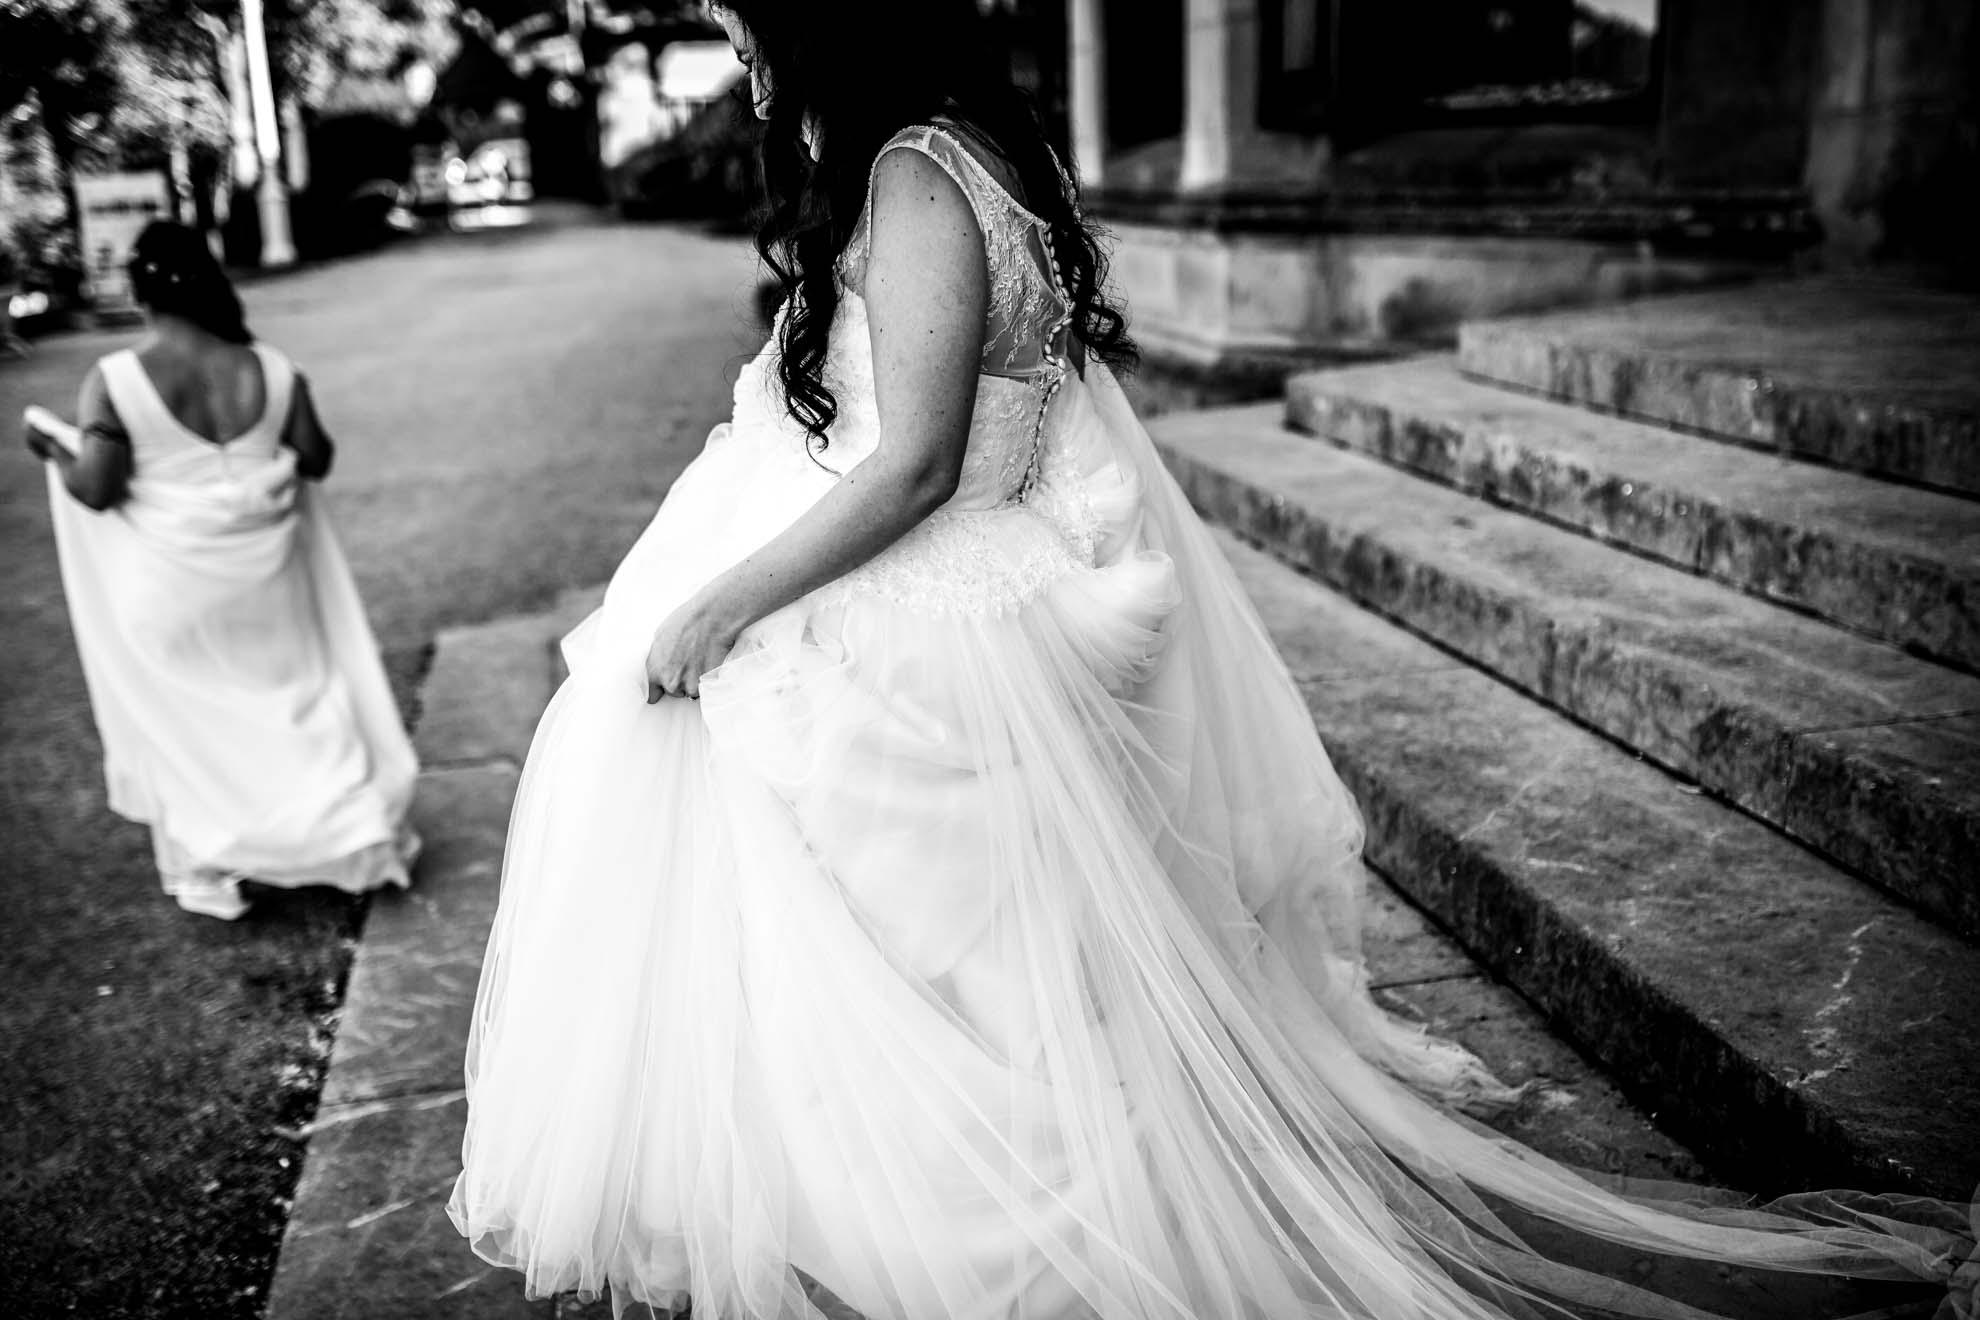 dos novias caminando por unas escaleras en blanco y negro